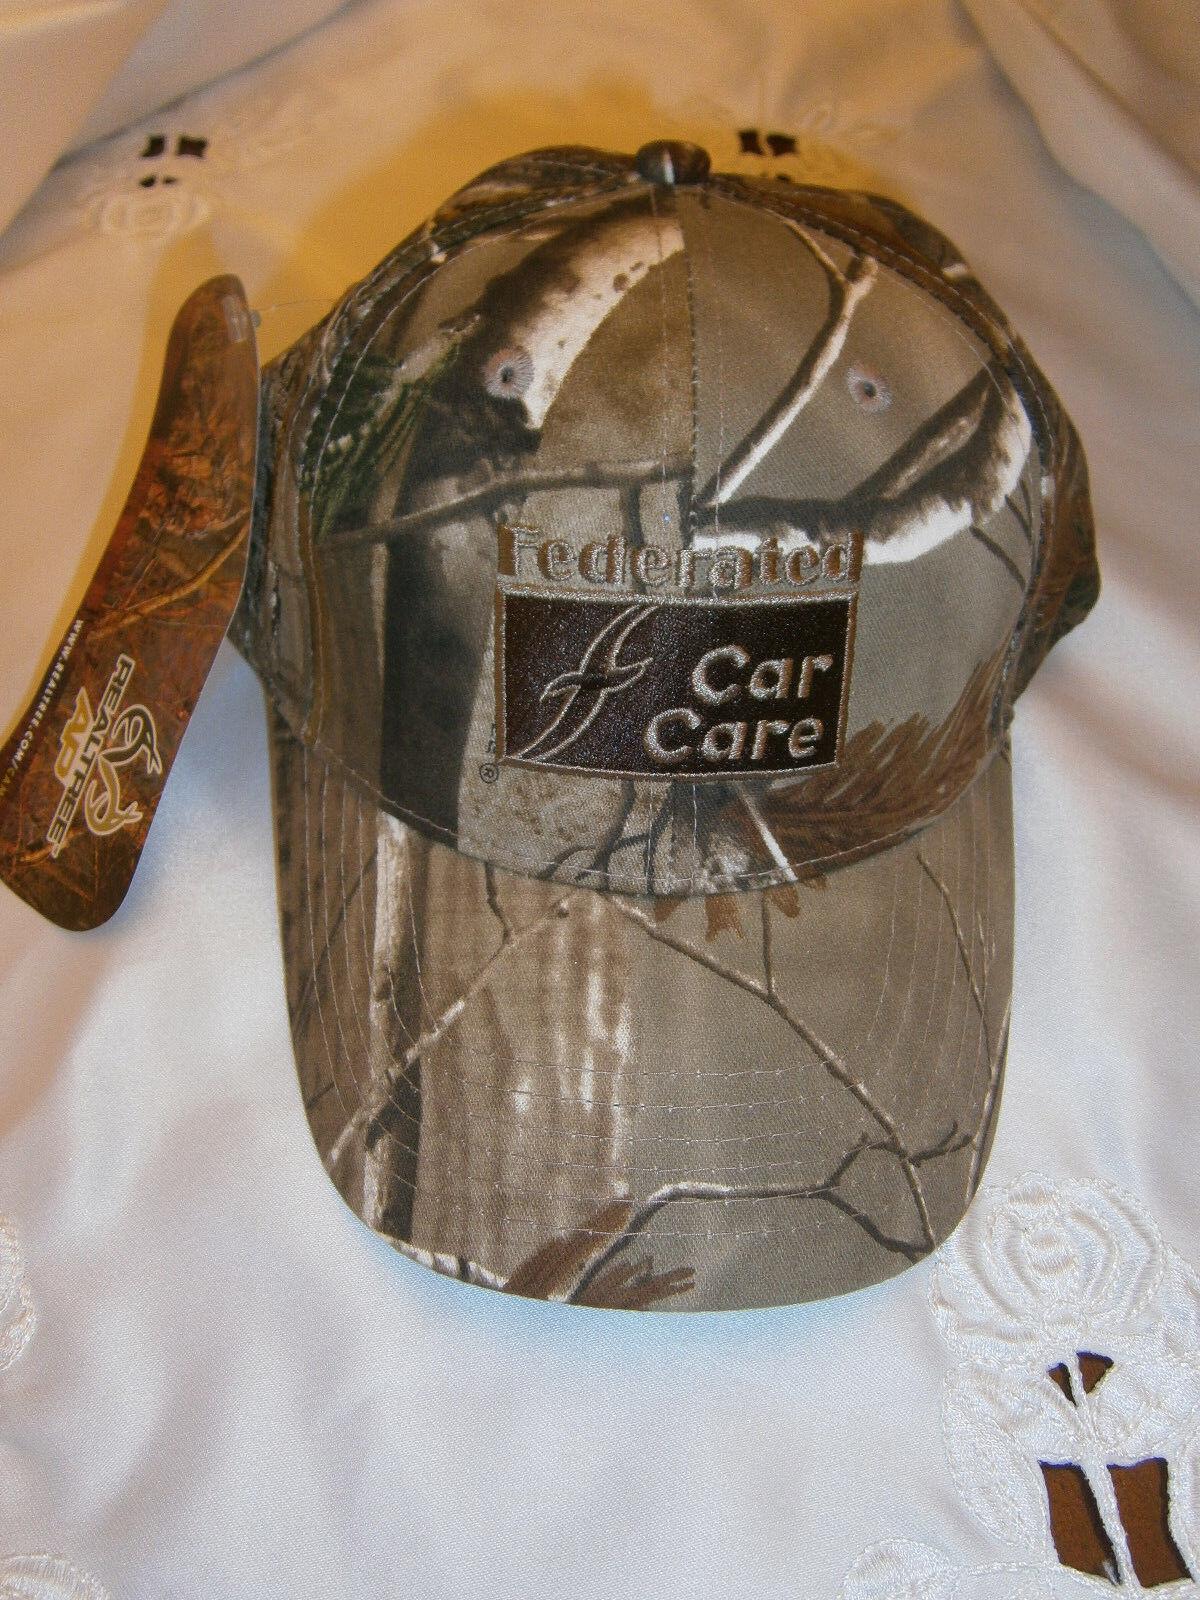 REALTREE HAT CAMO FEDERATED CAR CARE MENS HAT REALTREE BASEBALL CAP HUNTING MOTIF 68a2ad